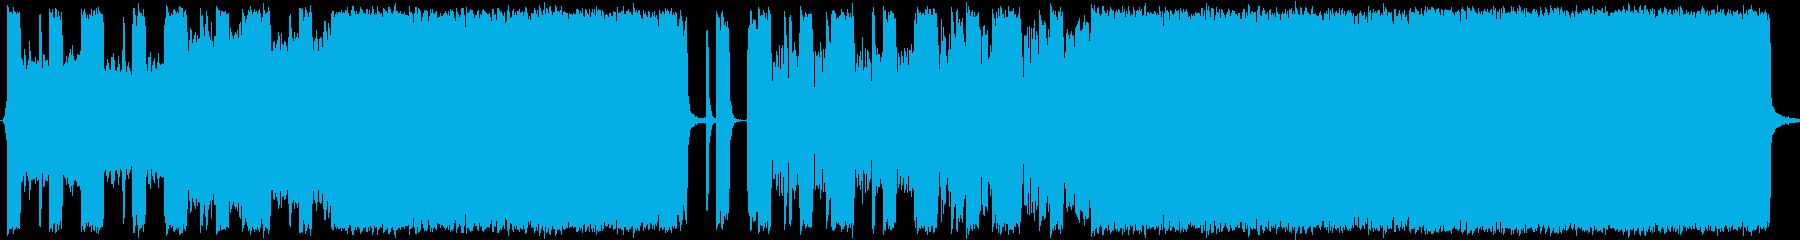 ブルース メタル インディーロック...の再生済みの波形